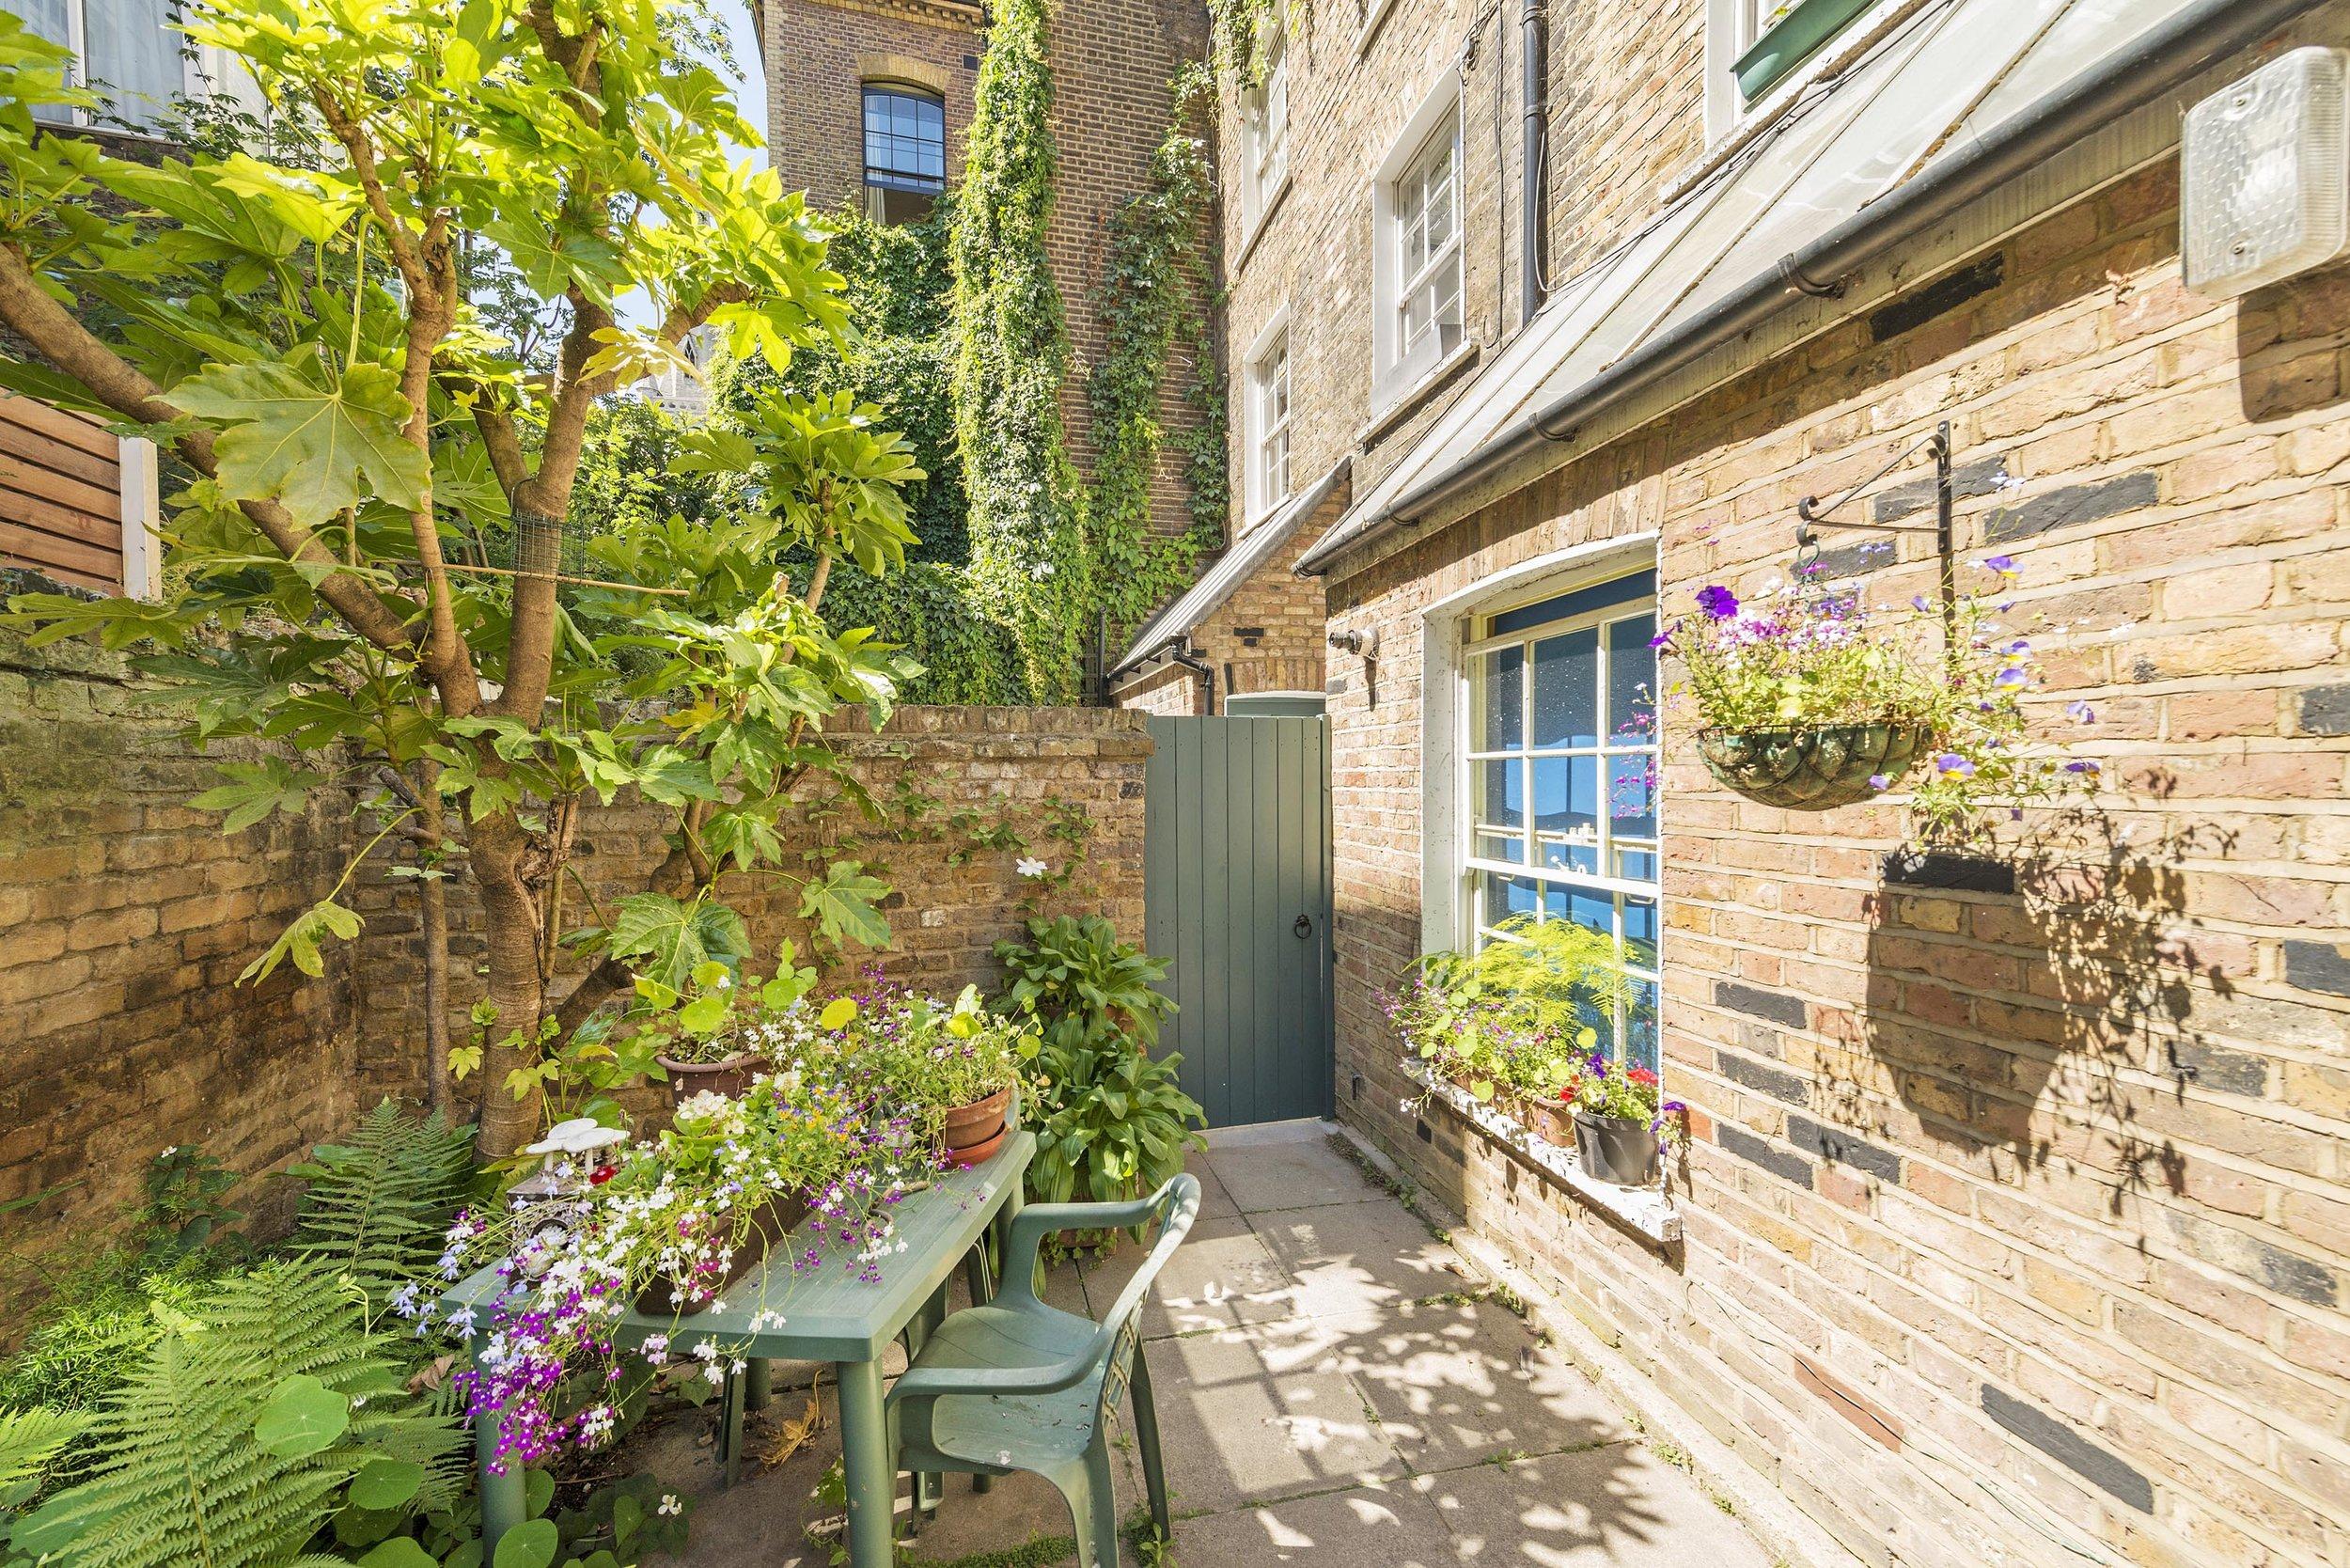 cato creative london home refurbishment